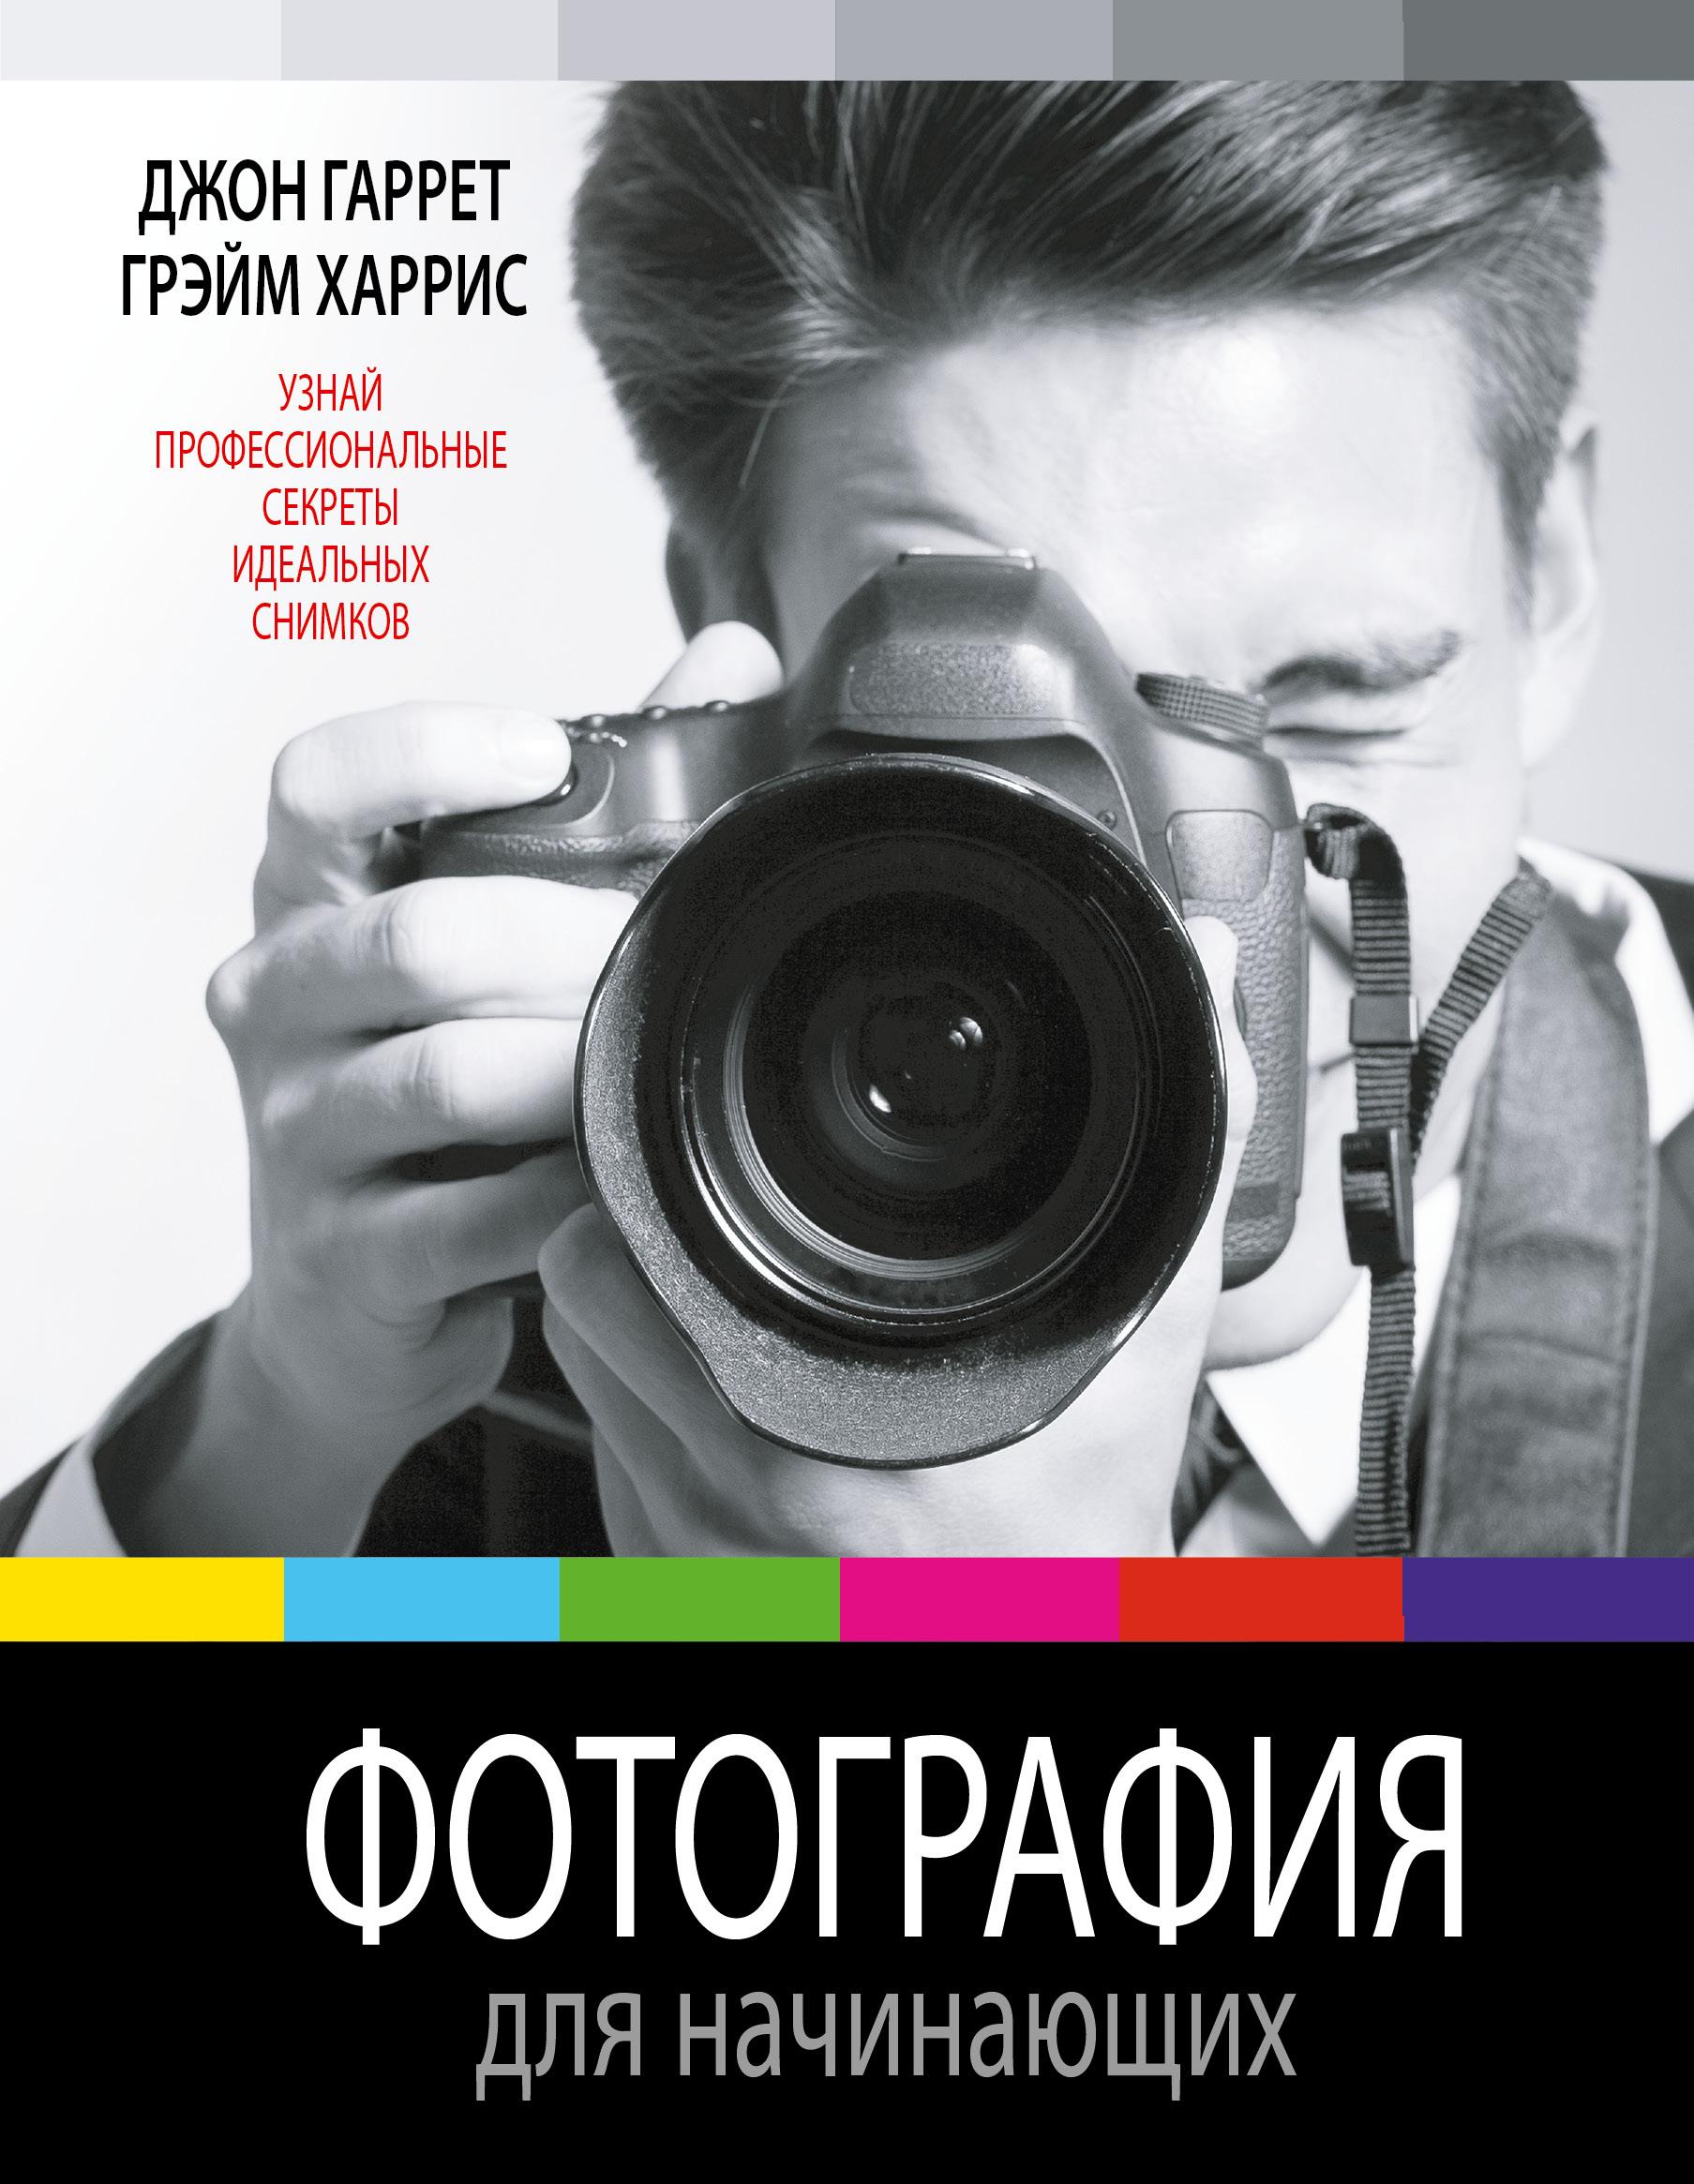 белая, цилиндрическая, литература для начинающих фотографов на русском мировой войны